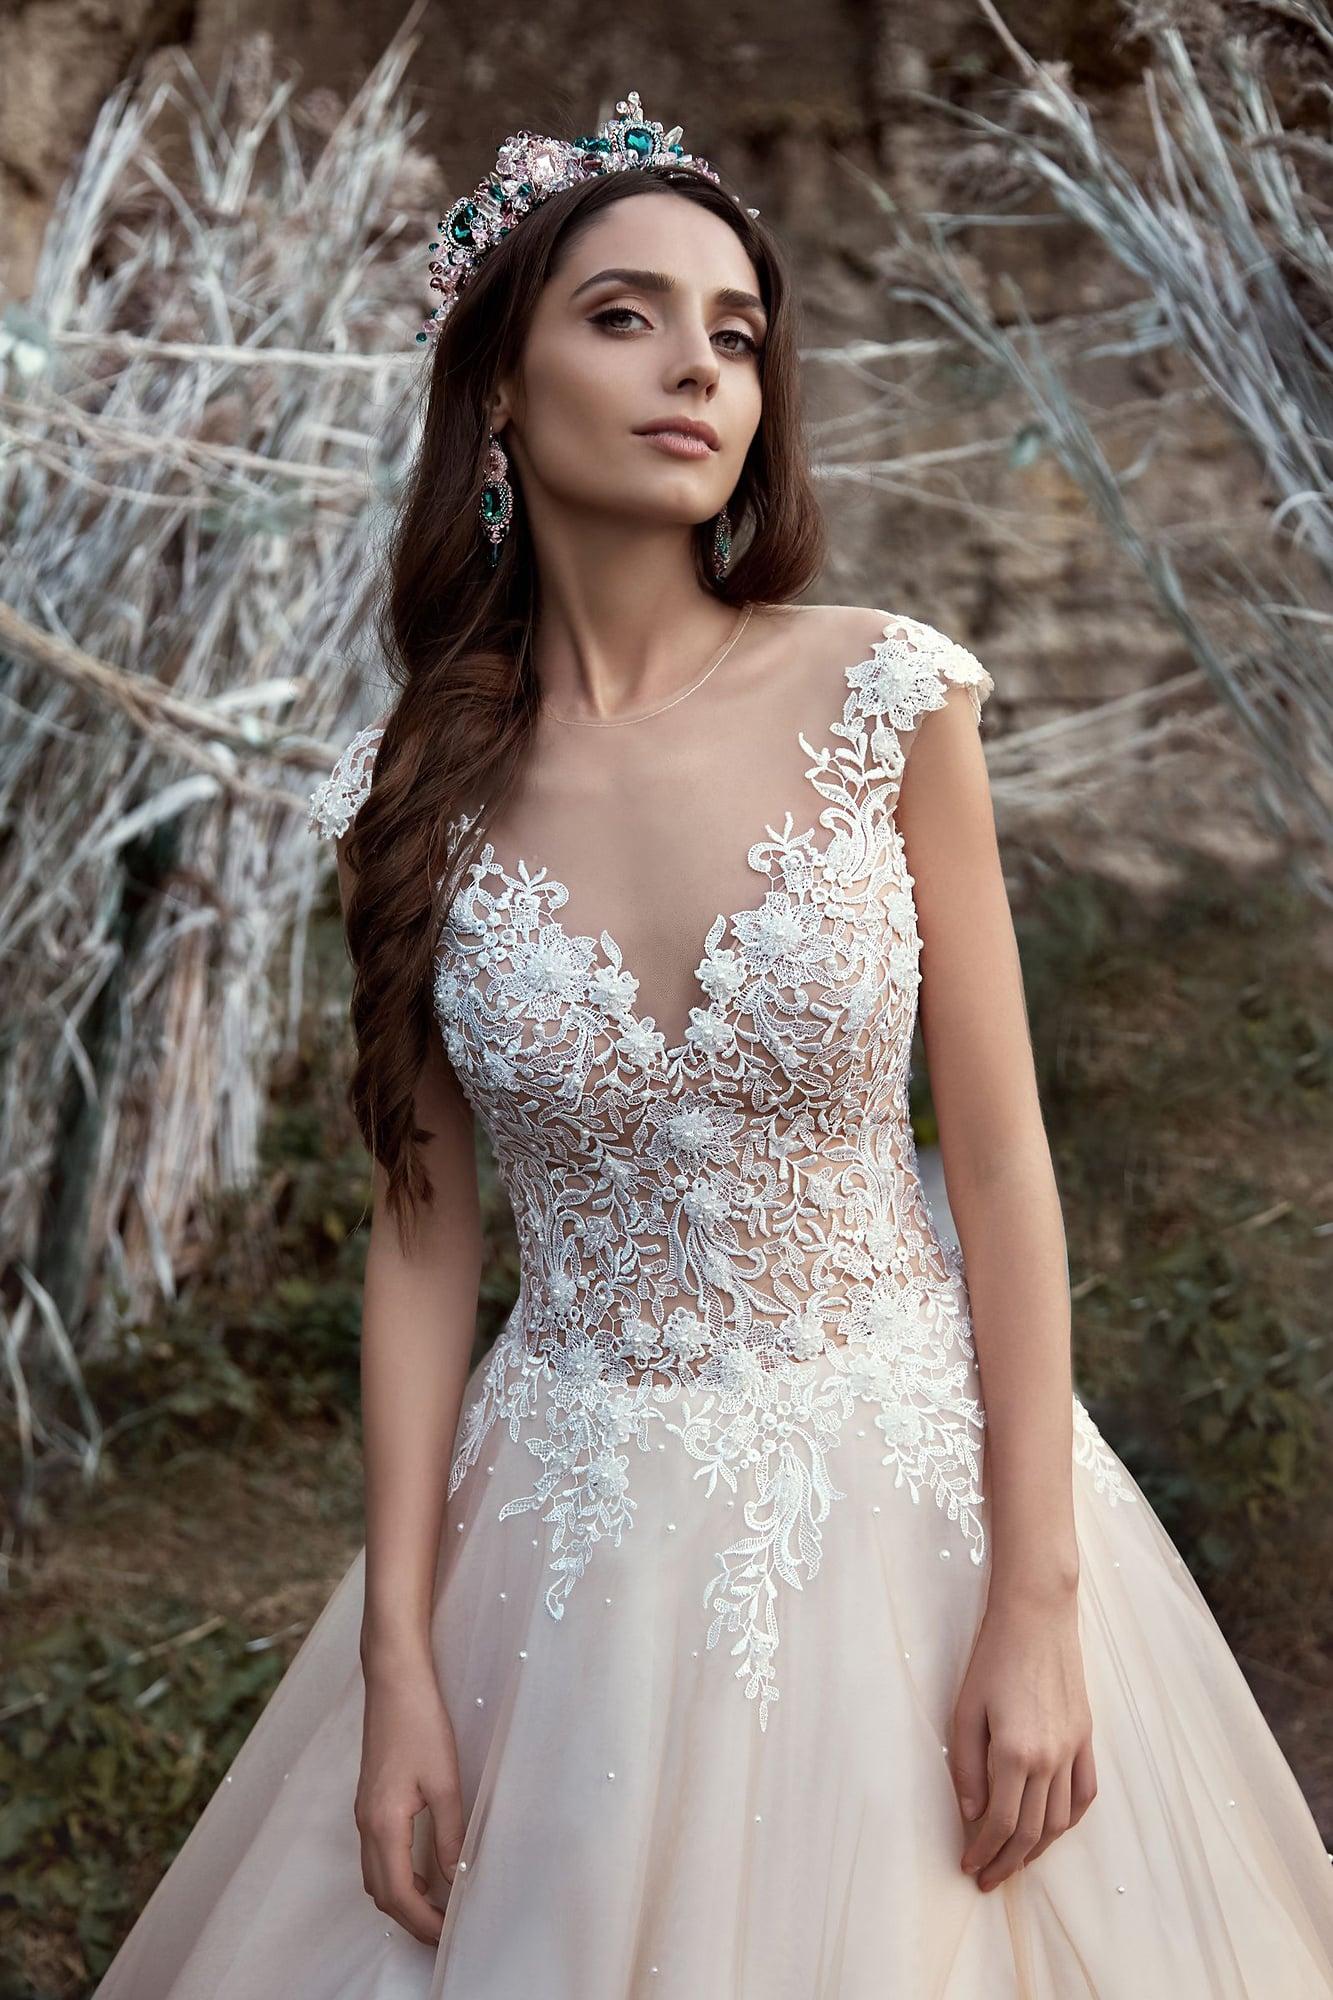 Изысканное пышное свадебное платье персикового оттенка с корсетом, покрытым кружевом.